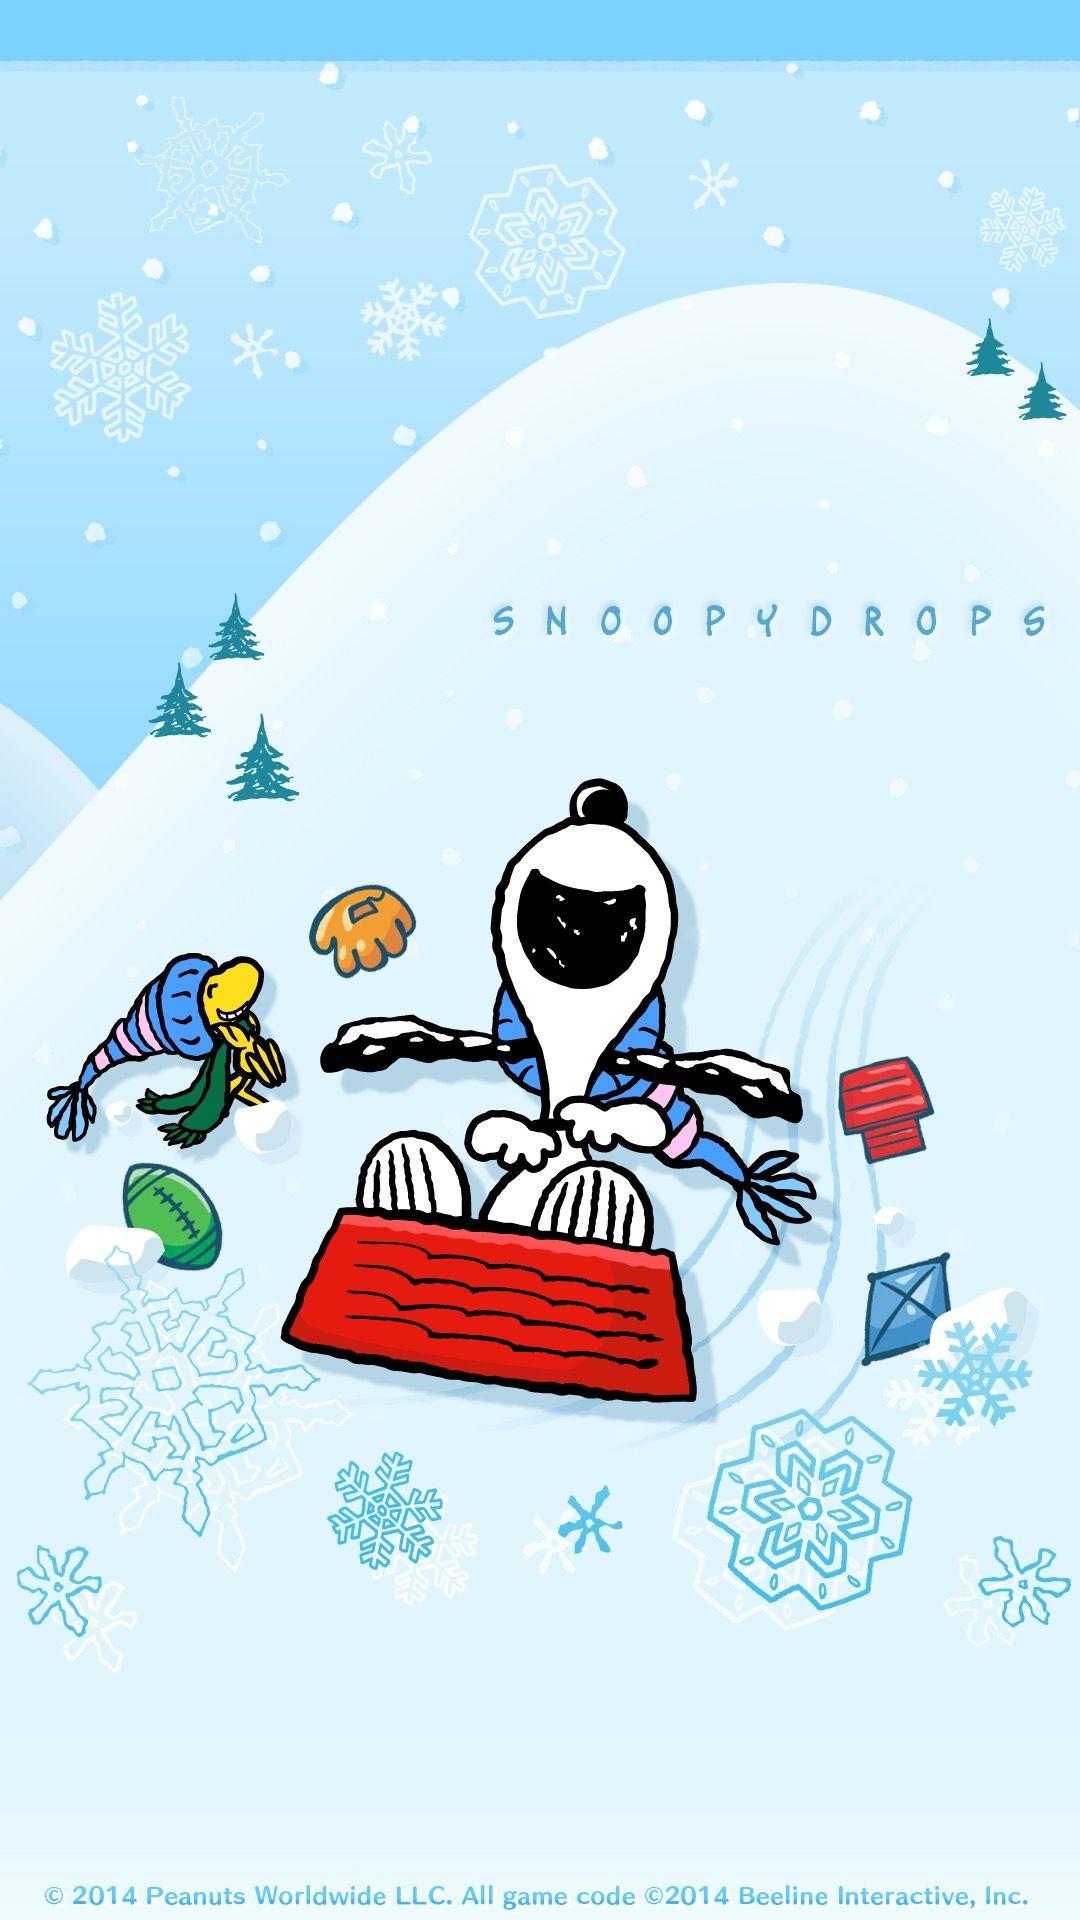 Snoopy スヌーピー 雪そり スヌーピーの壁紙 スヌーピー